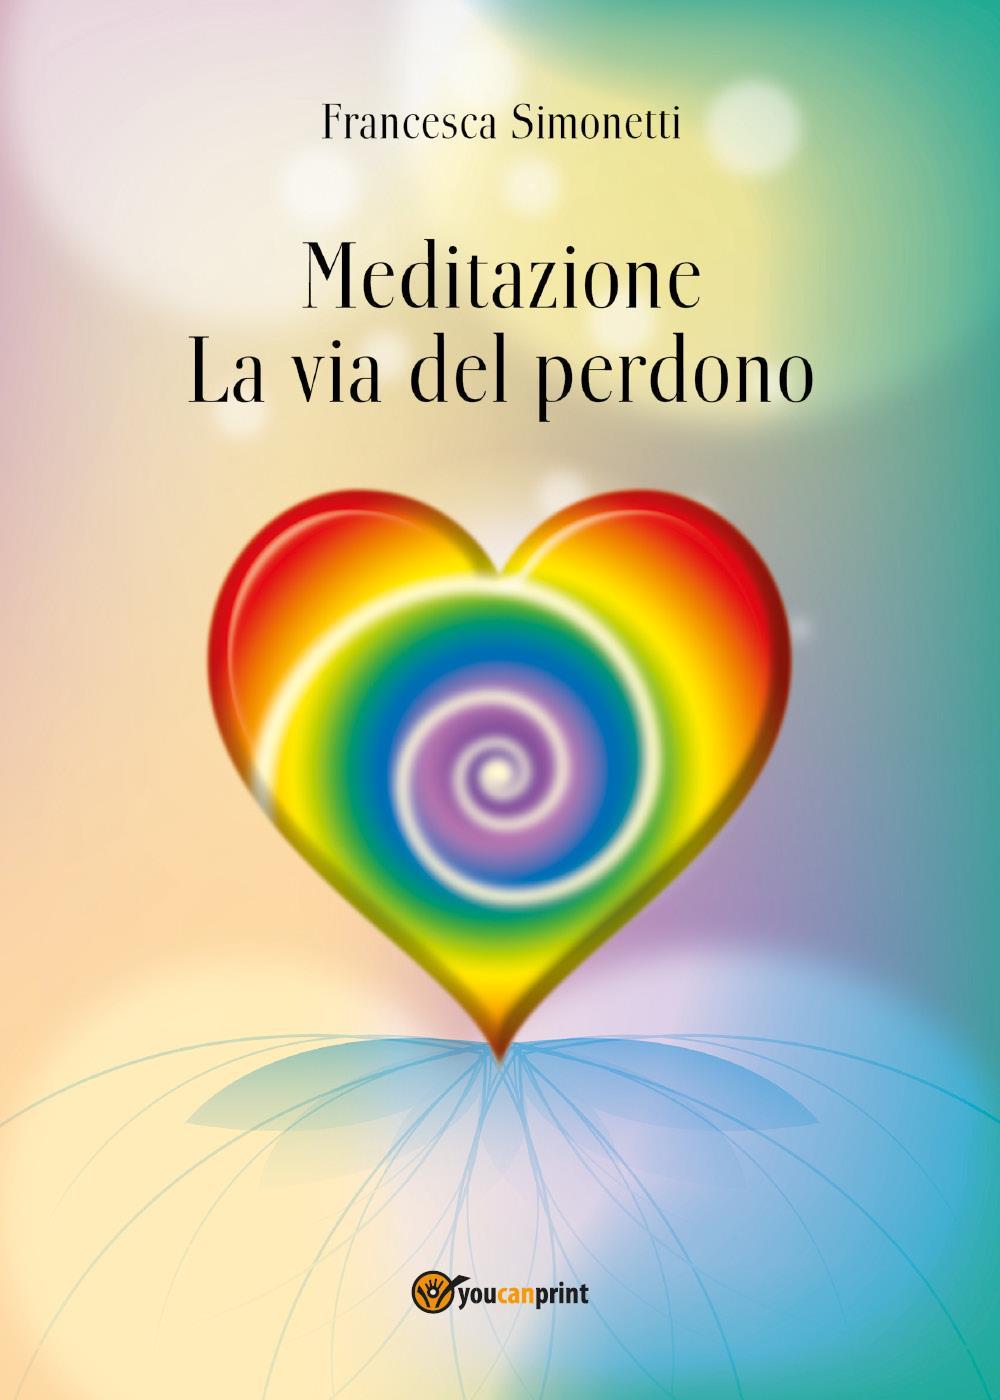 MEDITAZIONE - La Via del Perdono